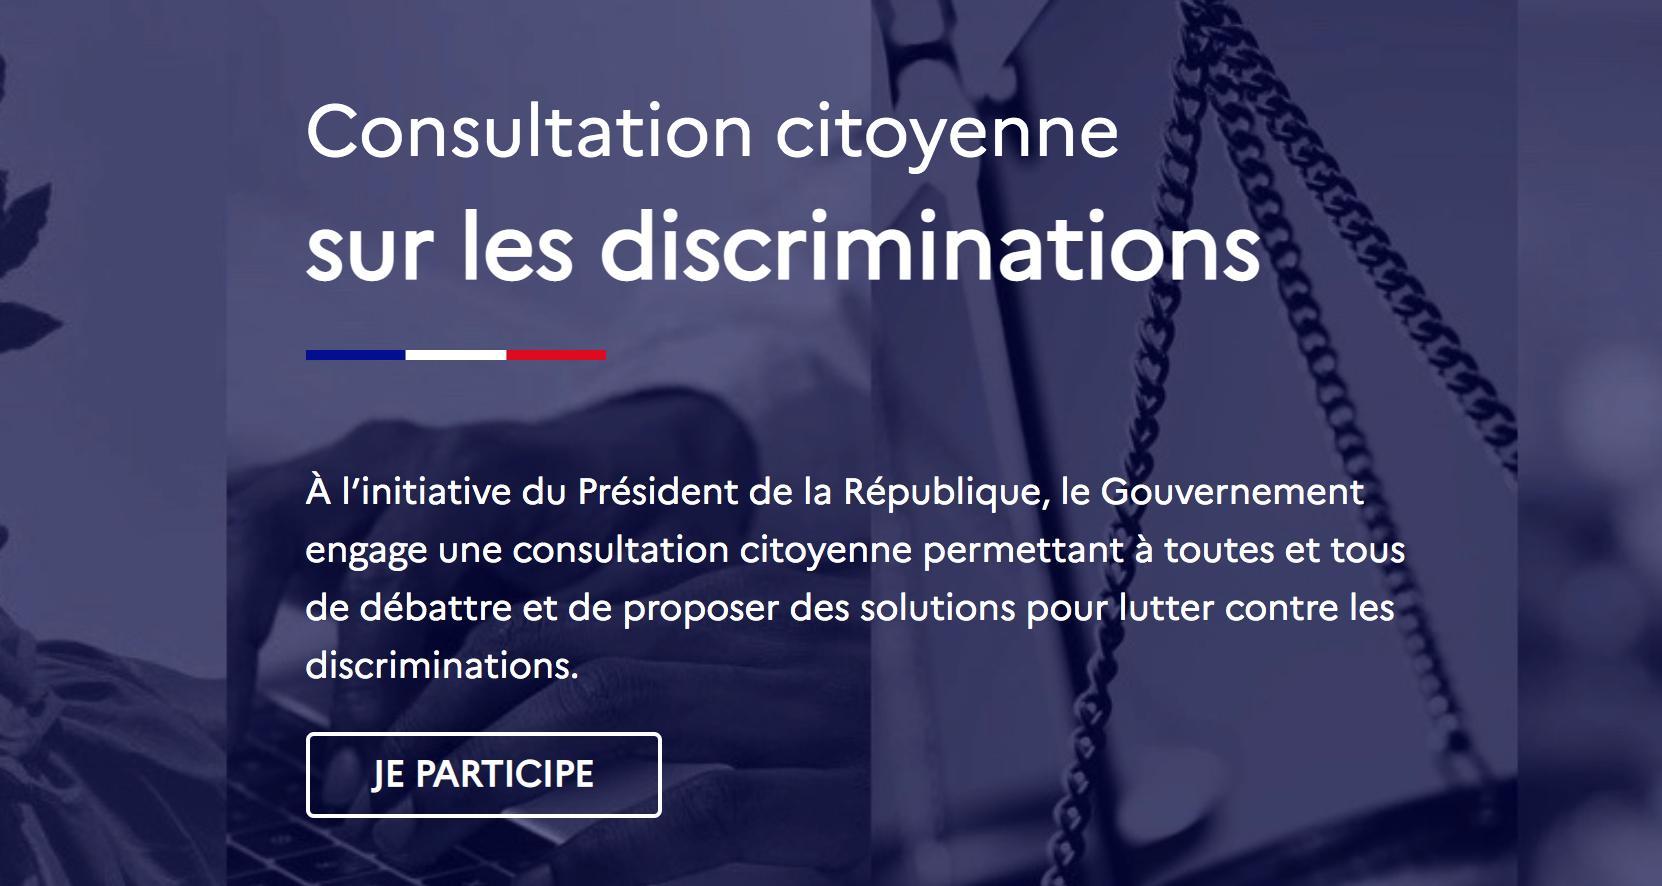 Lancement d'une consultation citoyenne sur les discriminations